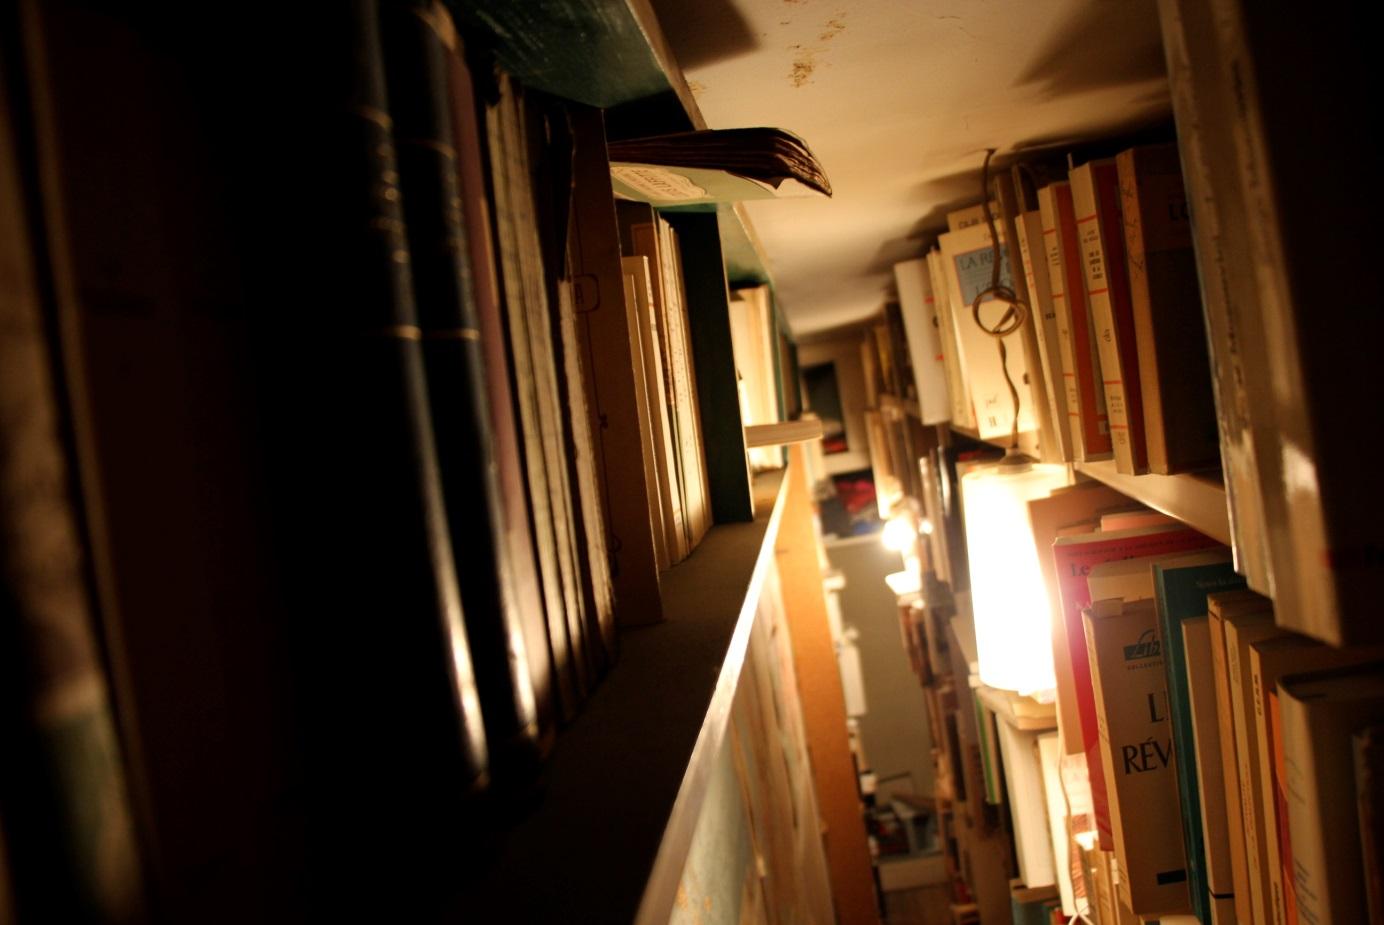 Dans la bibliothèque de Robert Bonnaud (Photo. Daniela Scancella, 2014)